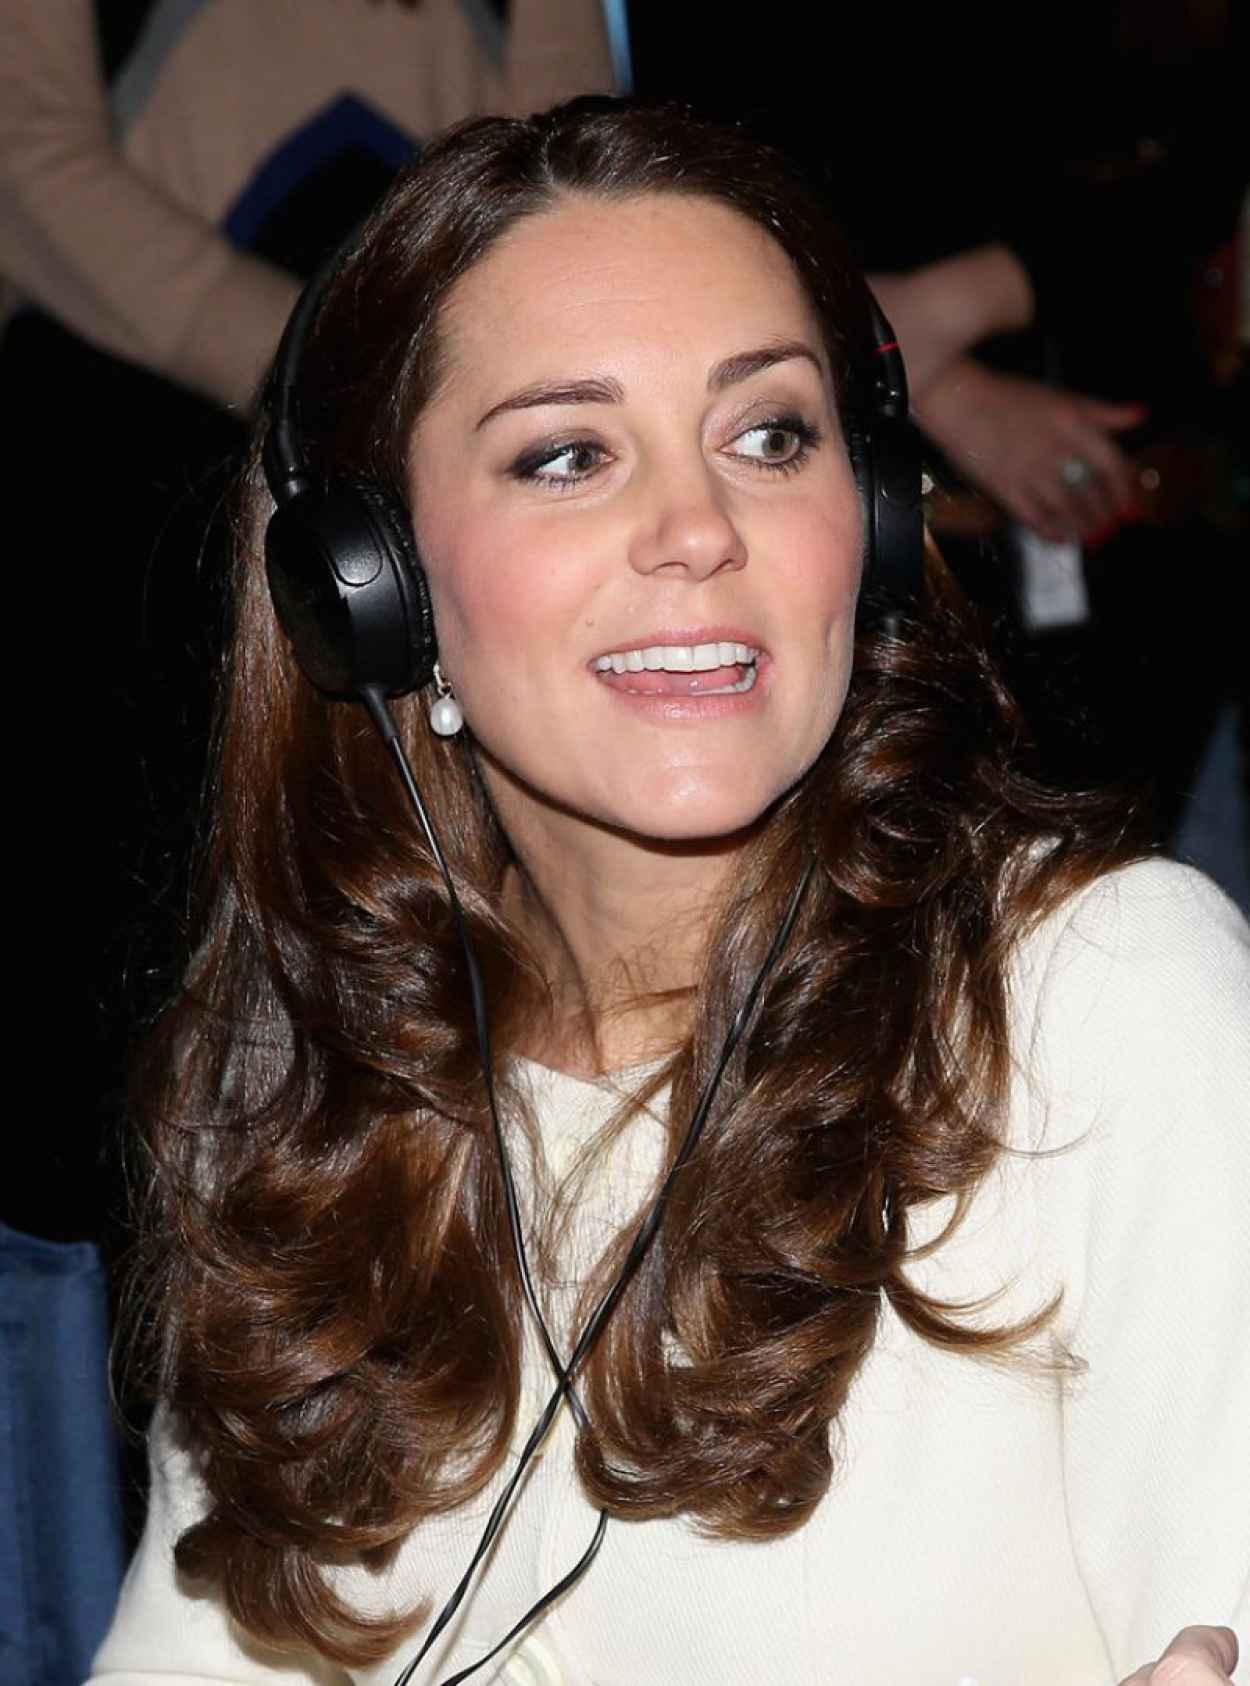 Kate Middleton - Ttouring the Set of Downton Abbey at Ealing Studios-1